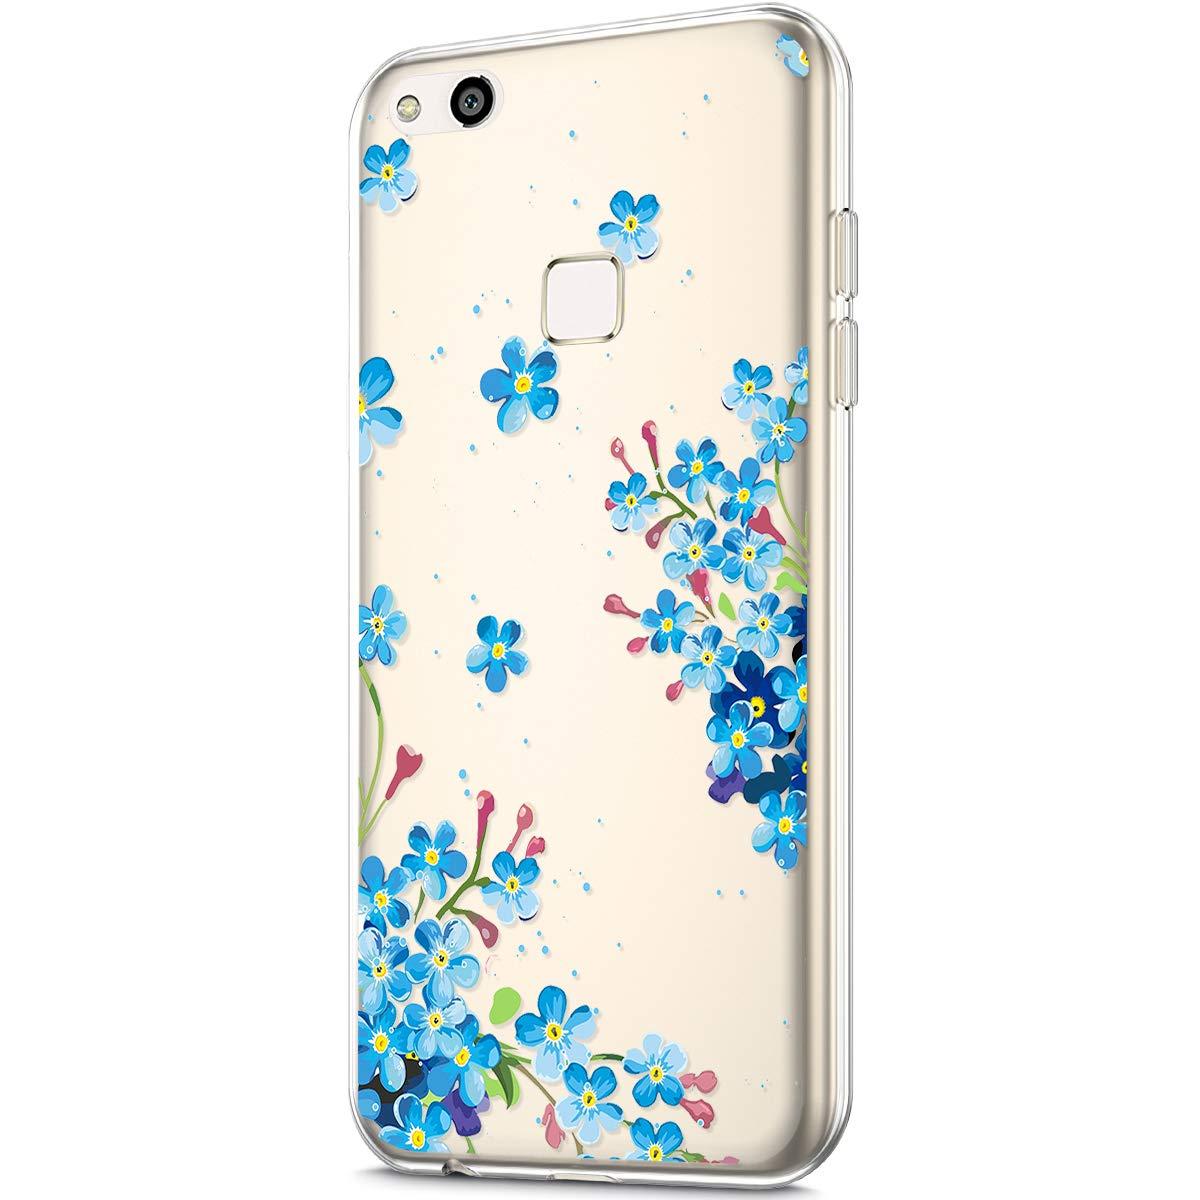 Felfy Kompatibel mit Huawei P10 Lite H/ülle,Kompatibel mit Huawei P10 Lite Handyh/ülle Transparent Silikon Schutzh/ülle Elegant Muster D/ünn Weich Klar Silikonh/ülle Sto/ßfest Schlank Cover Case H/üllen